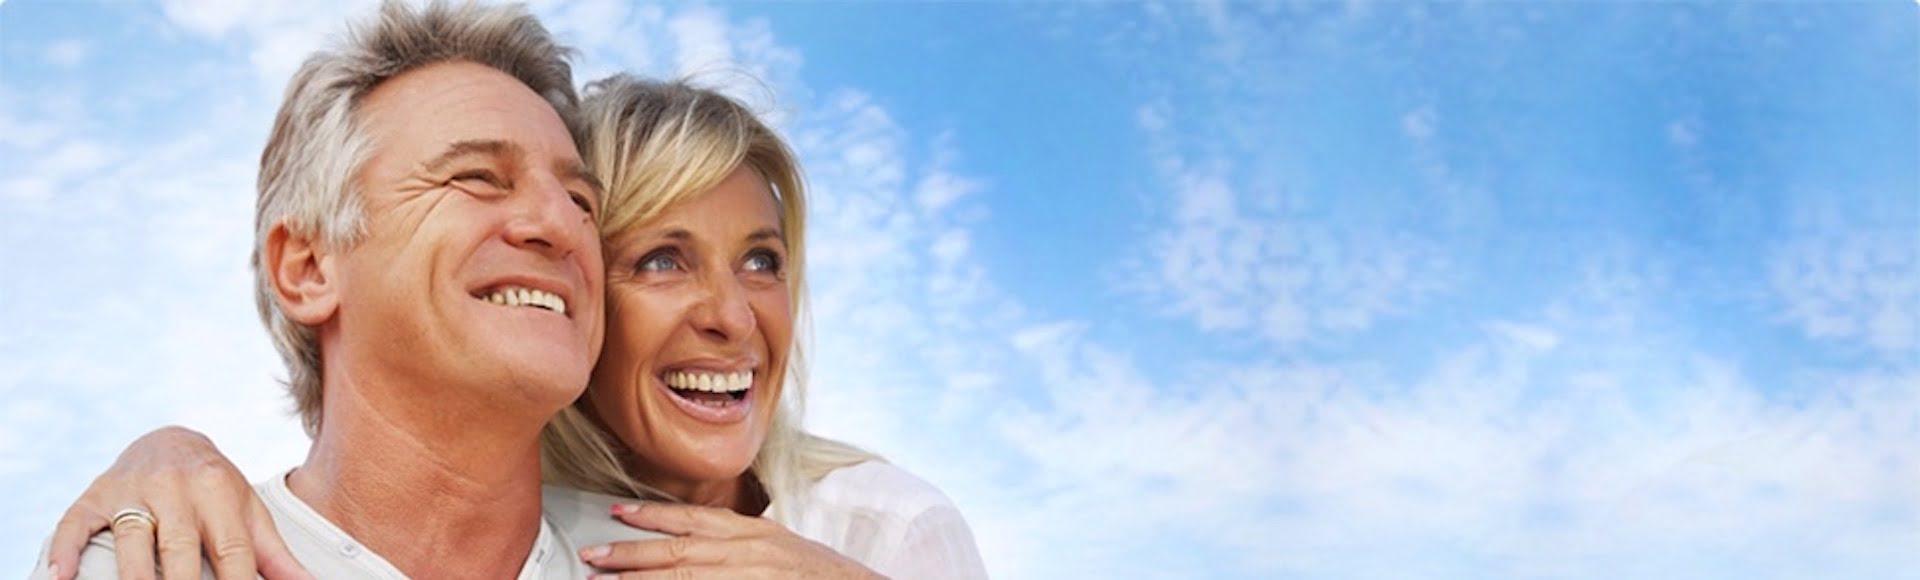 Αιμορροΐδες νέες θεραπείες με laser ή υπέρηχο